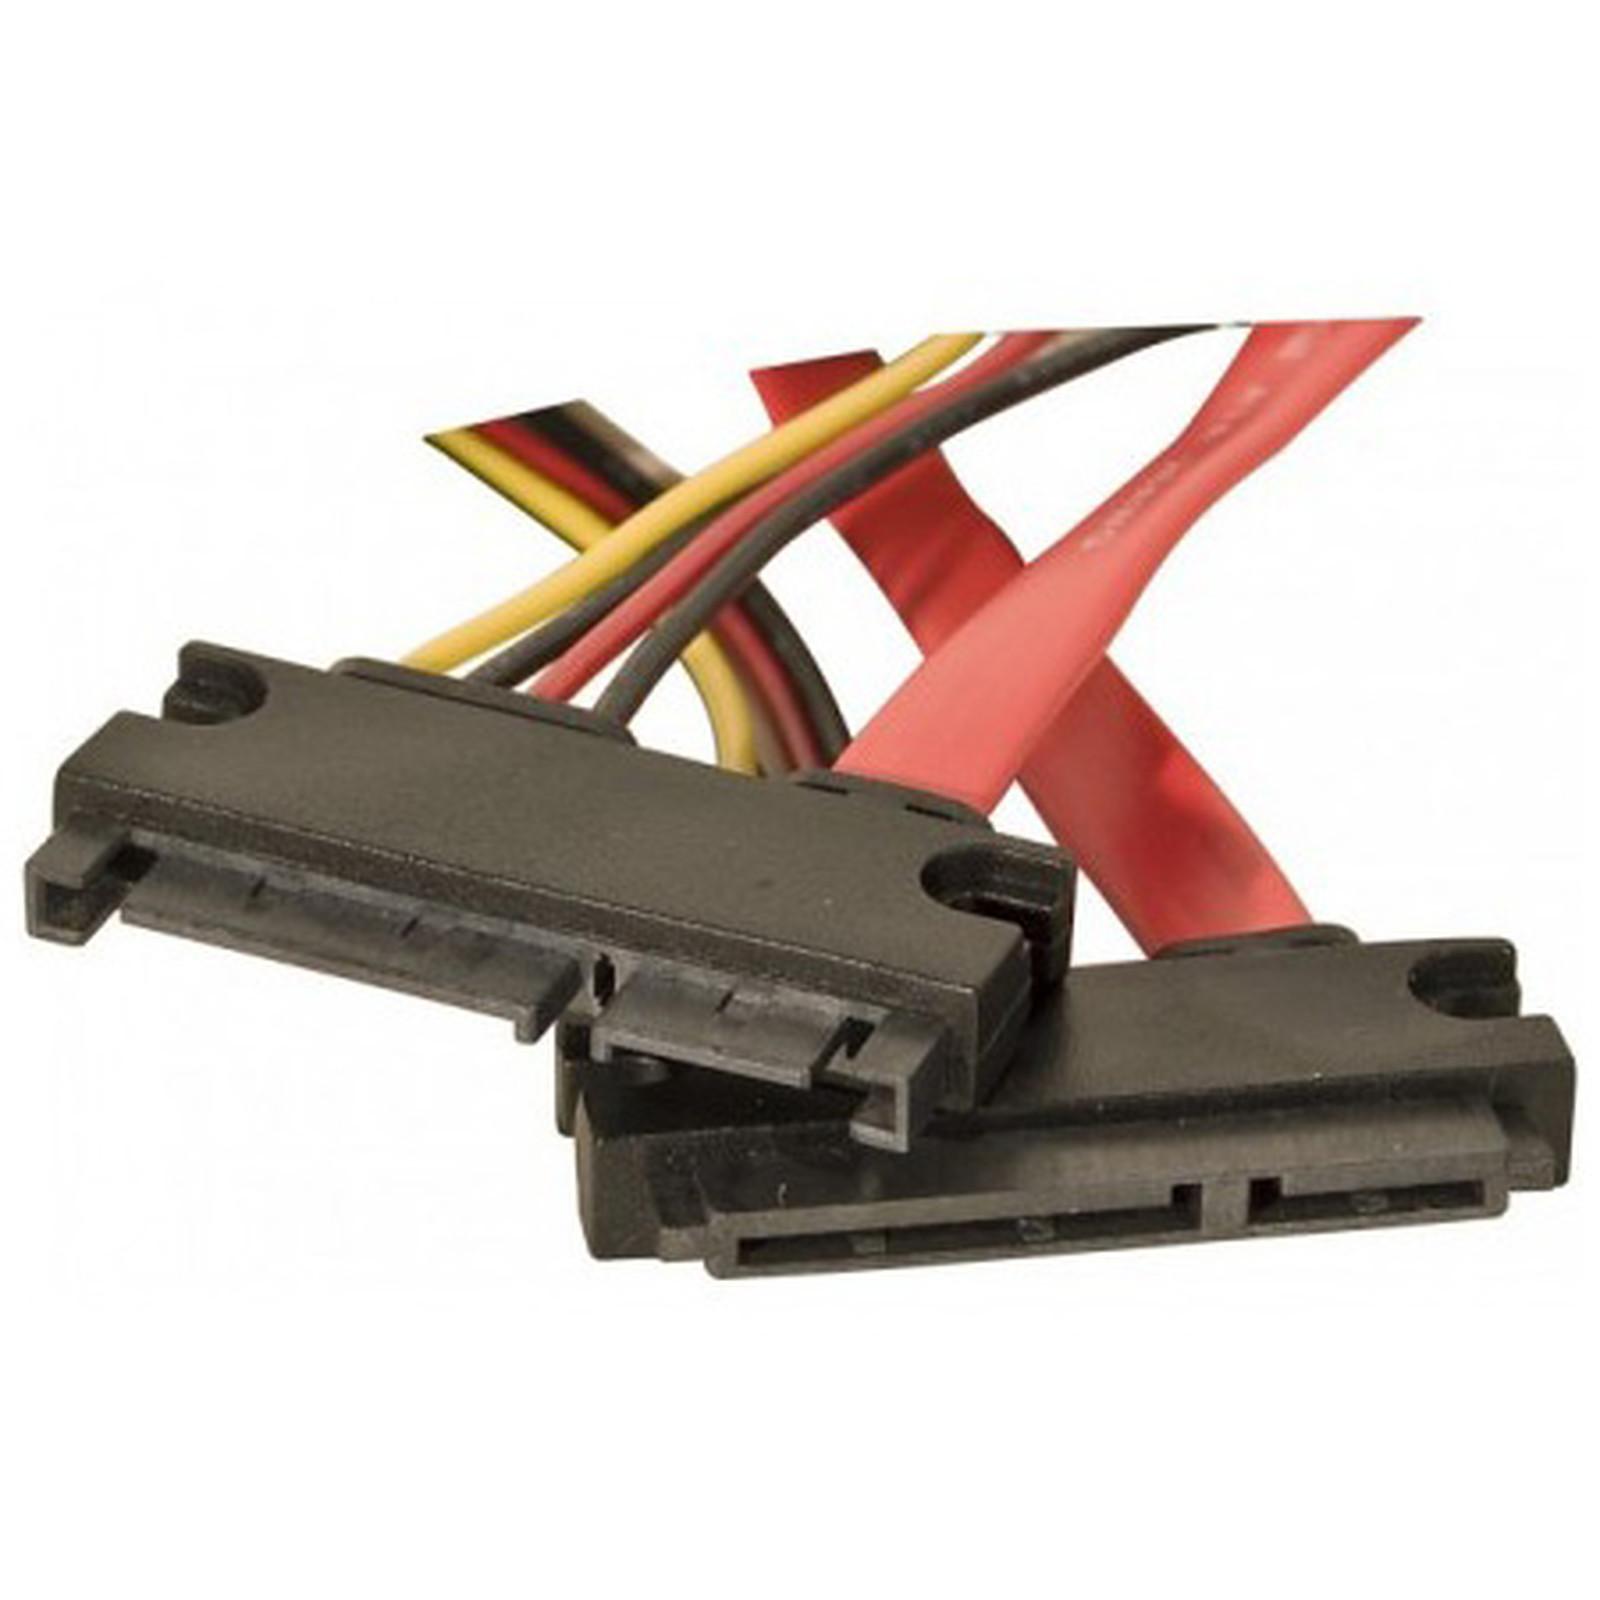 Alargador SATA 50 cm (alimentación + datos)